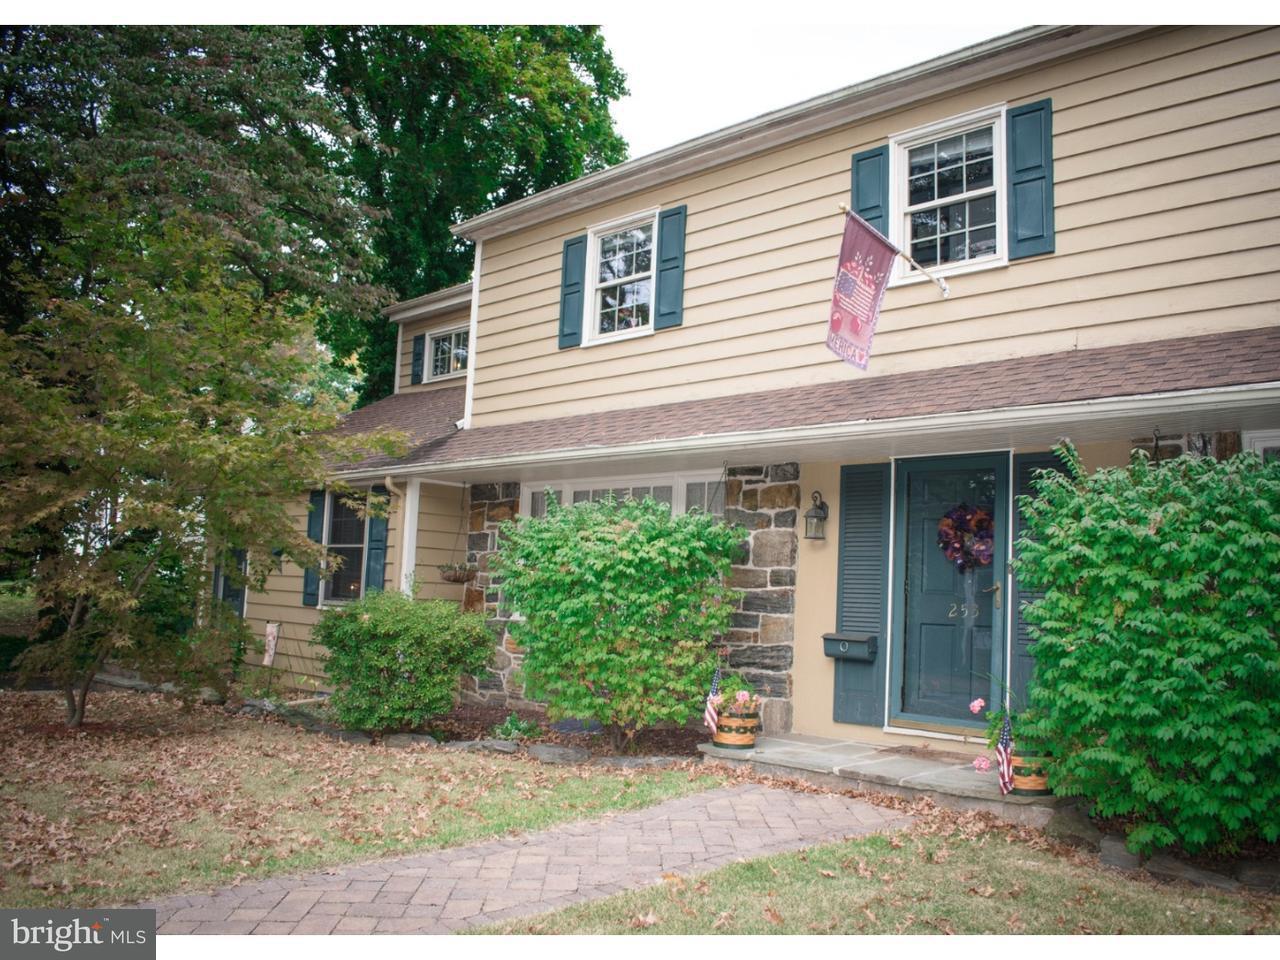 独户住宅 为 销售 在 253 HIGH Street Mount Holly, 新泽西州 08060 美国